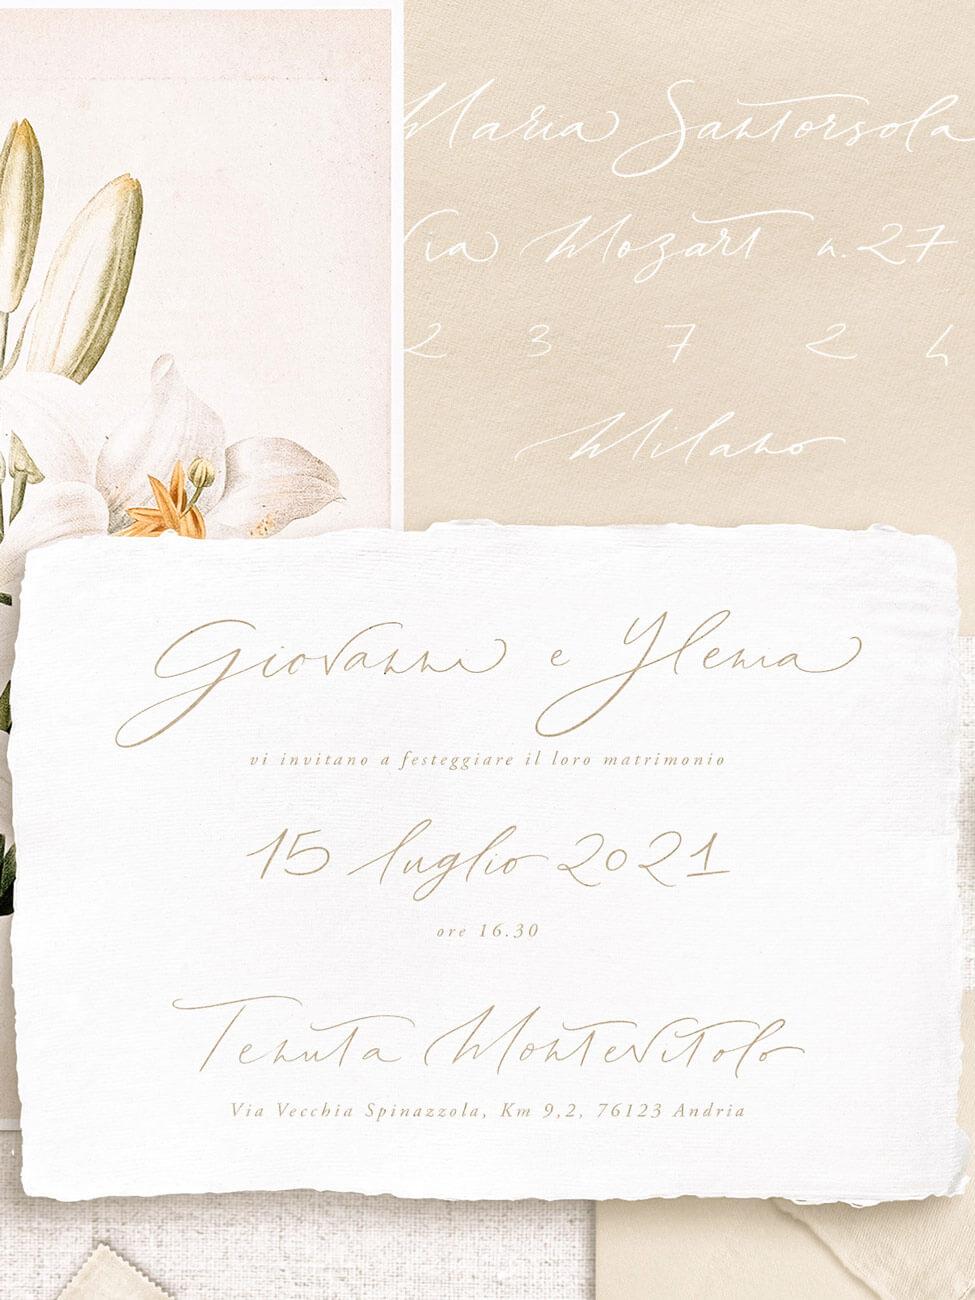 https://www.robertafucci.it/wp-content/uploads/2021/10/roberta-fucci-calligrafia-gestuale-bigliettini-da-visita-giovanni-e-ilenia-tenuta-montevitolo-matrimonio.jpg